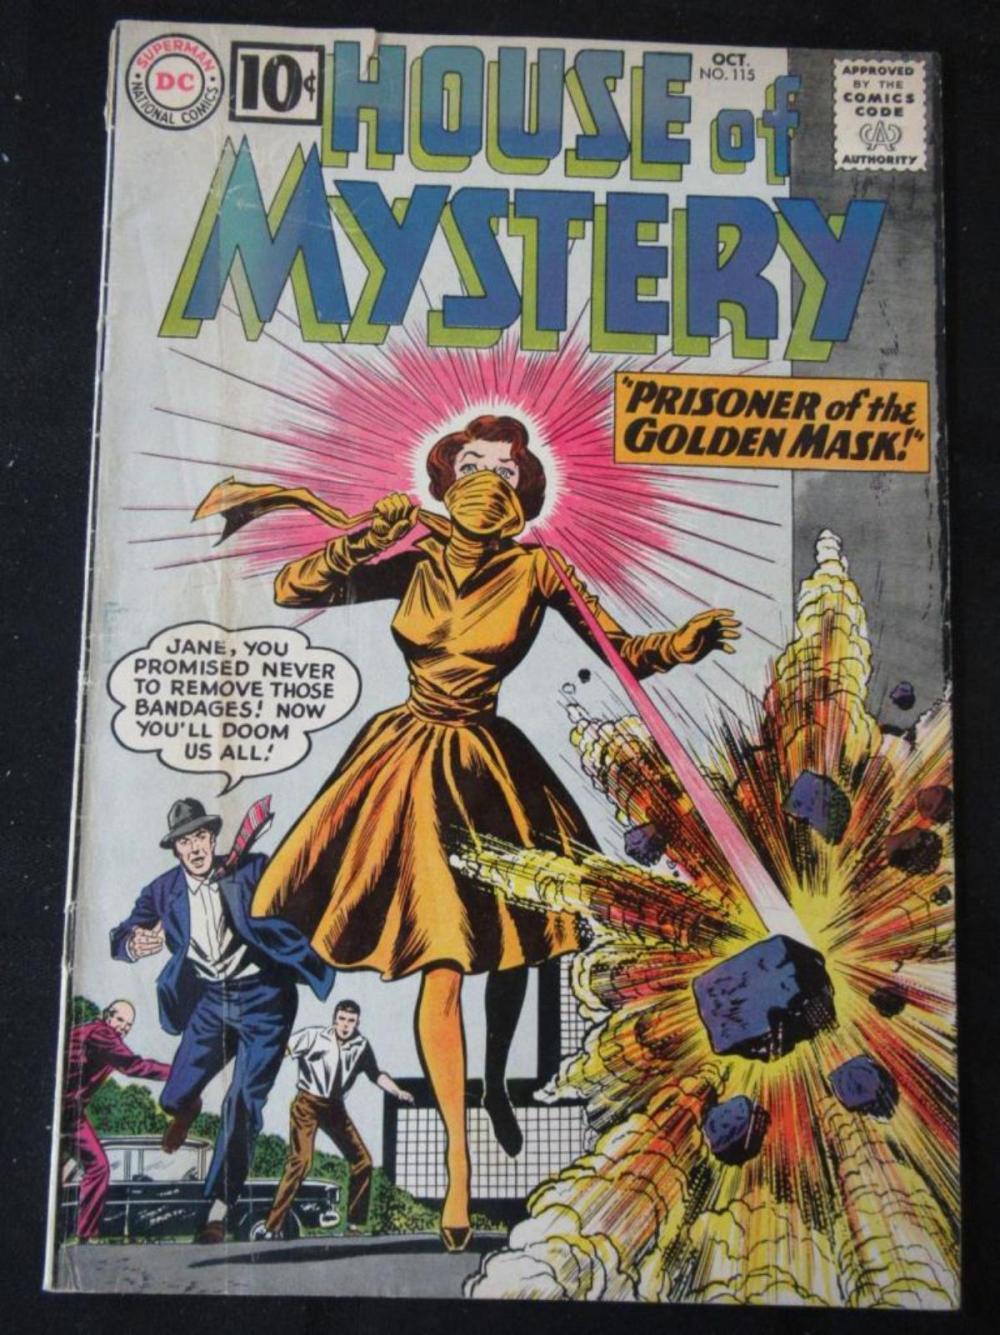 House of Mystery 10c #115 Prisoner of Golden Mask